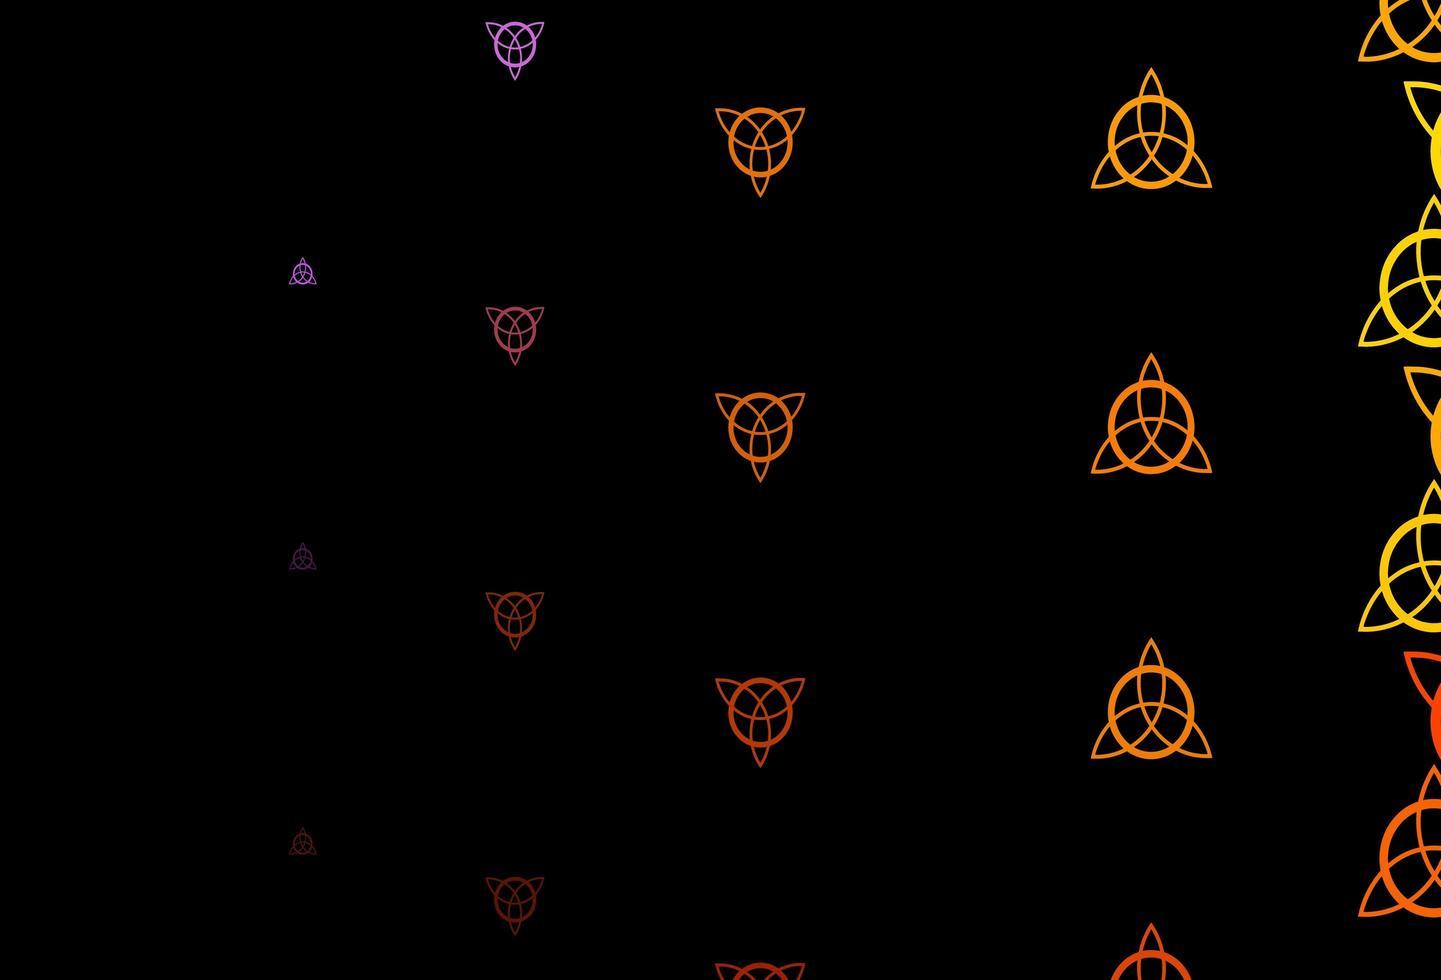 modèle orange avec des signes ésotériques. vecteur